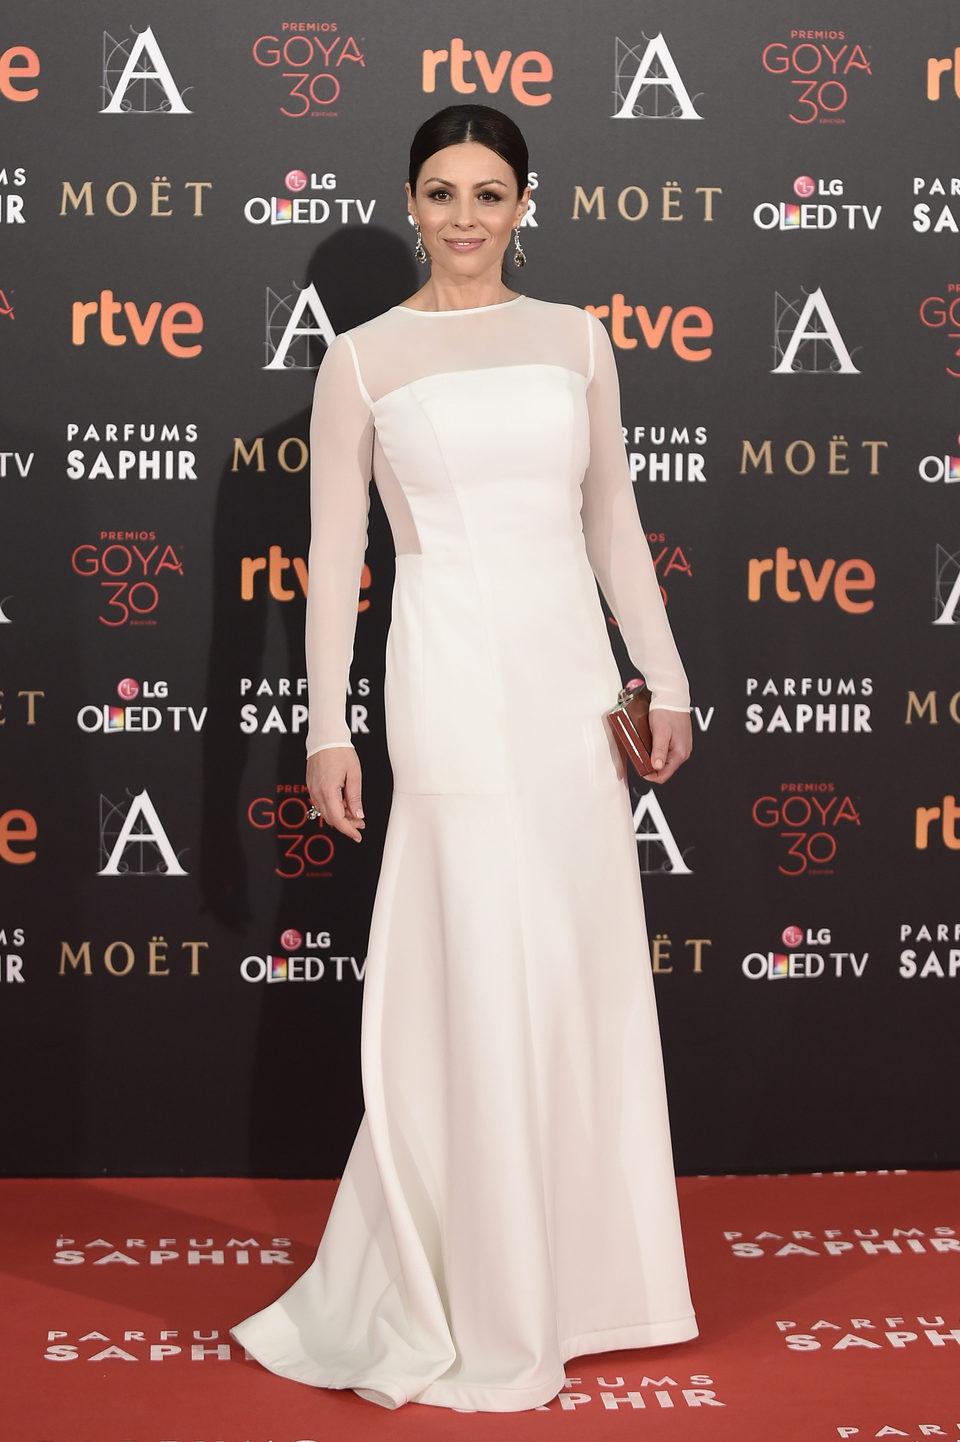 Ana Álvarez en la alfombra roja de los Premios Goya 2016